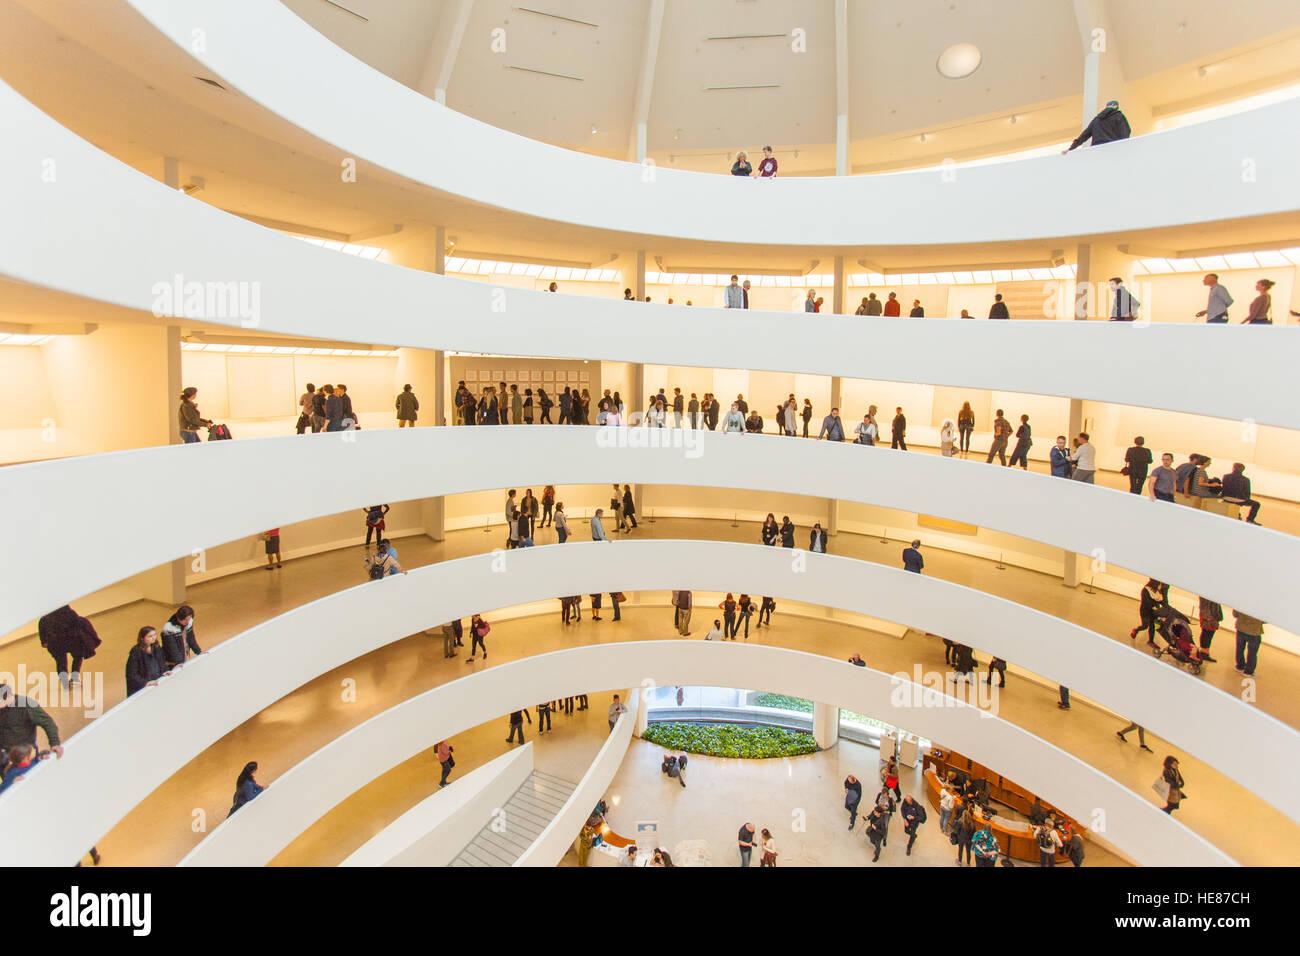 La spirale à l'intérieur de la rotonde du Musée Guggenheim, Cinquième Avenue, Manhattan, Photo Stock